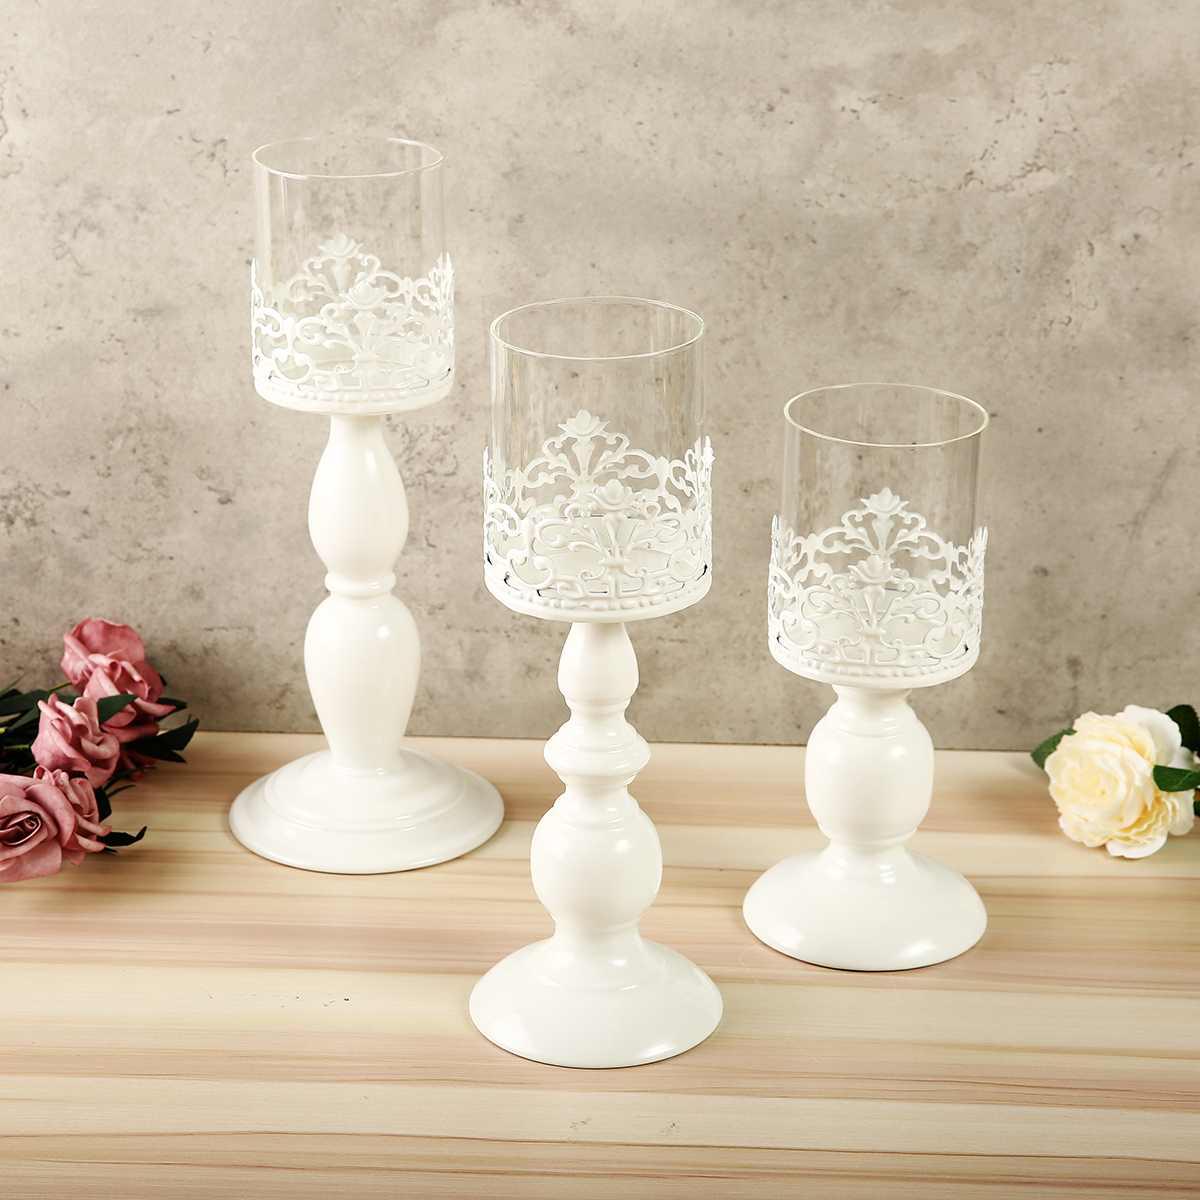 Beyaz Içi Boş mumluklar Tealight Şamdan Vintage Mum Standı Düğün Süslemeleri Hediye